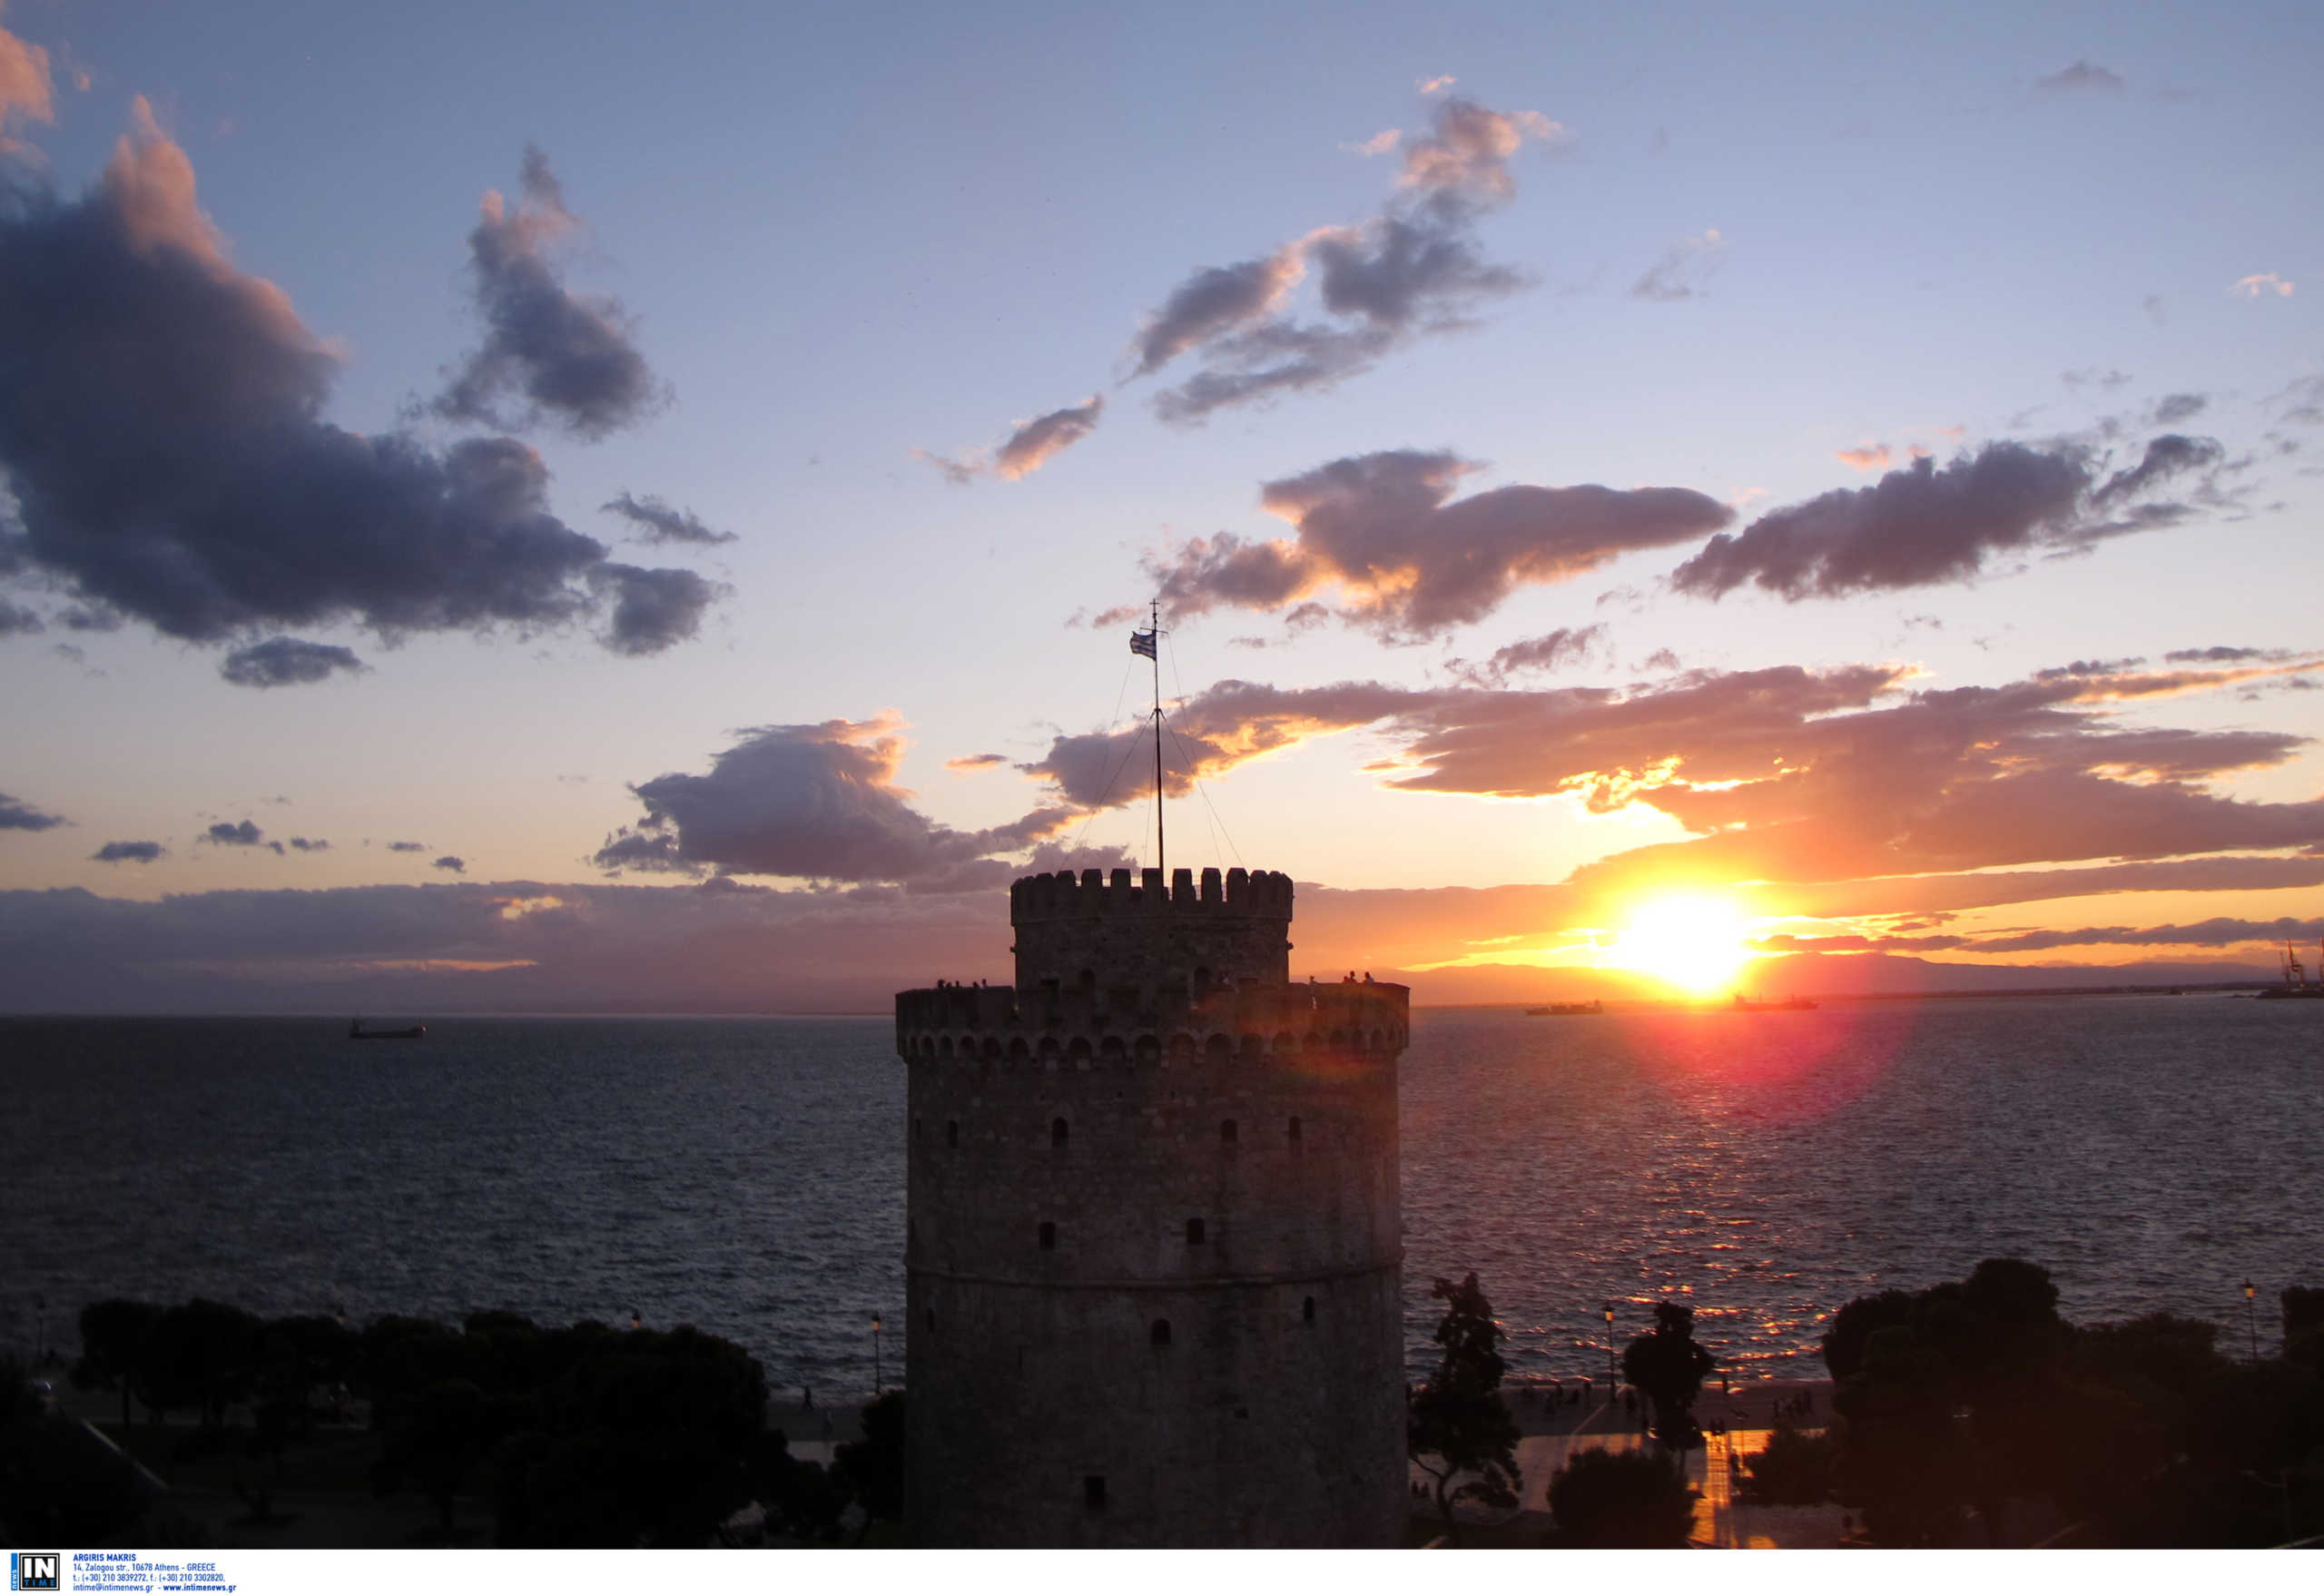 Θεσσαλονίκη: Υποχρεωτική η αργία του Αγίου Πνεύματος – Τι θα παραμείνει κλειστό